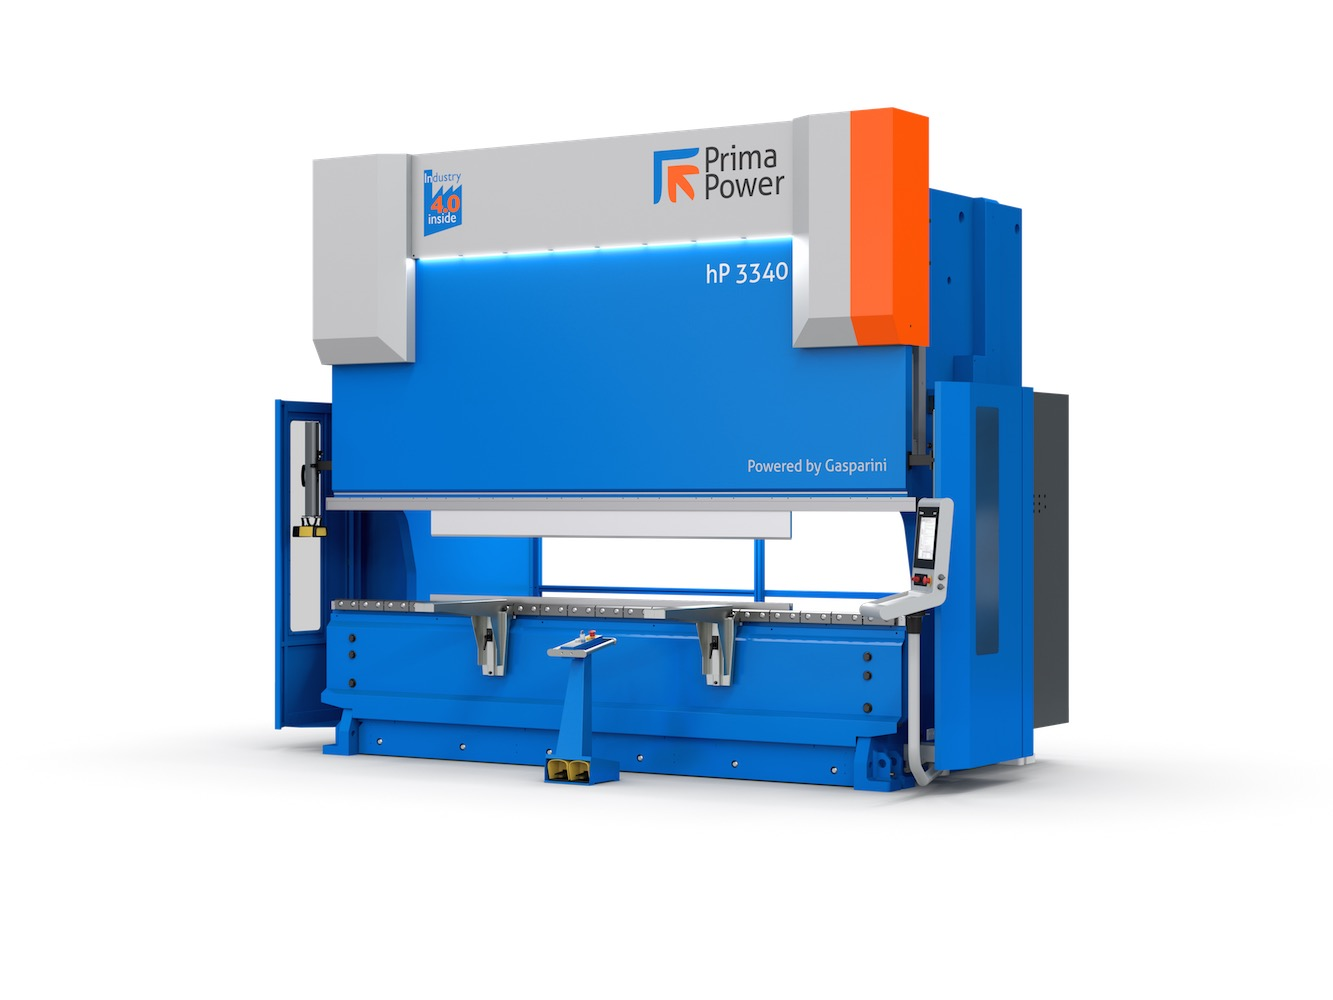 prensa plegadora hidráulica prima power